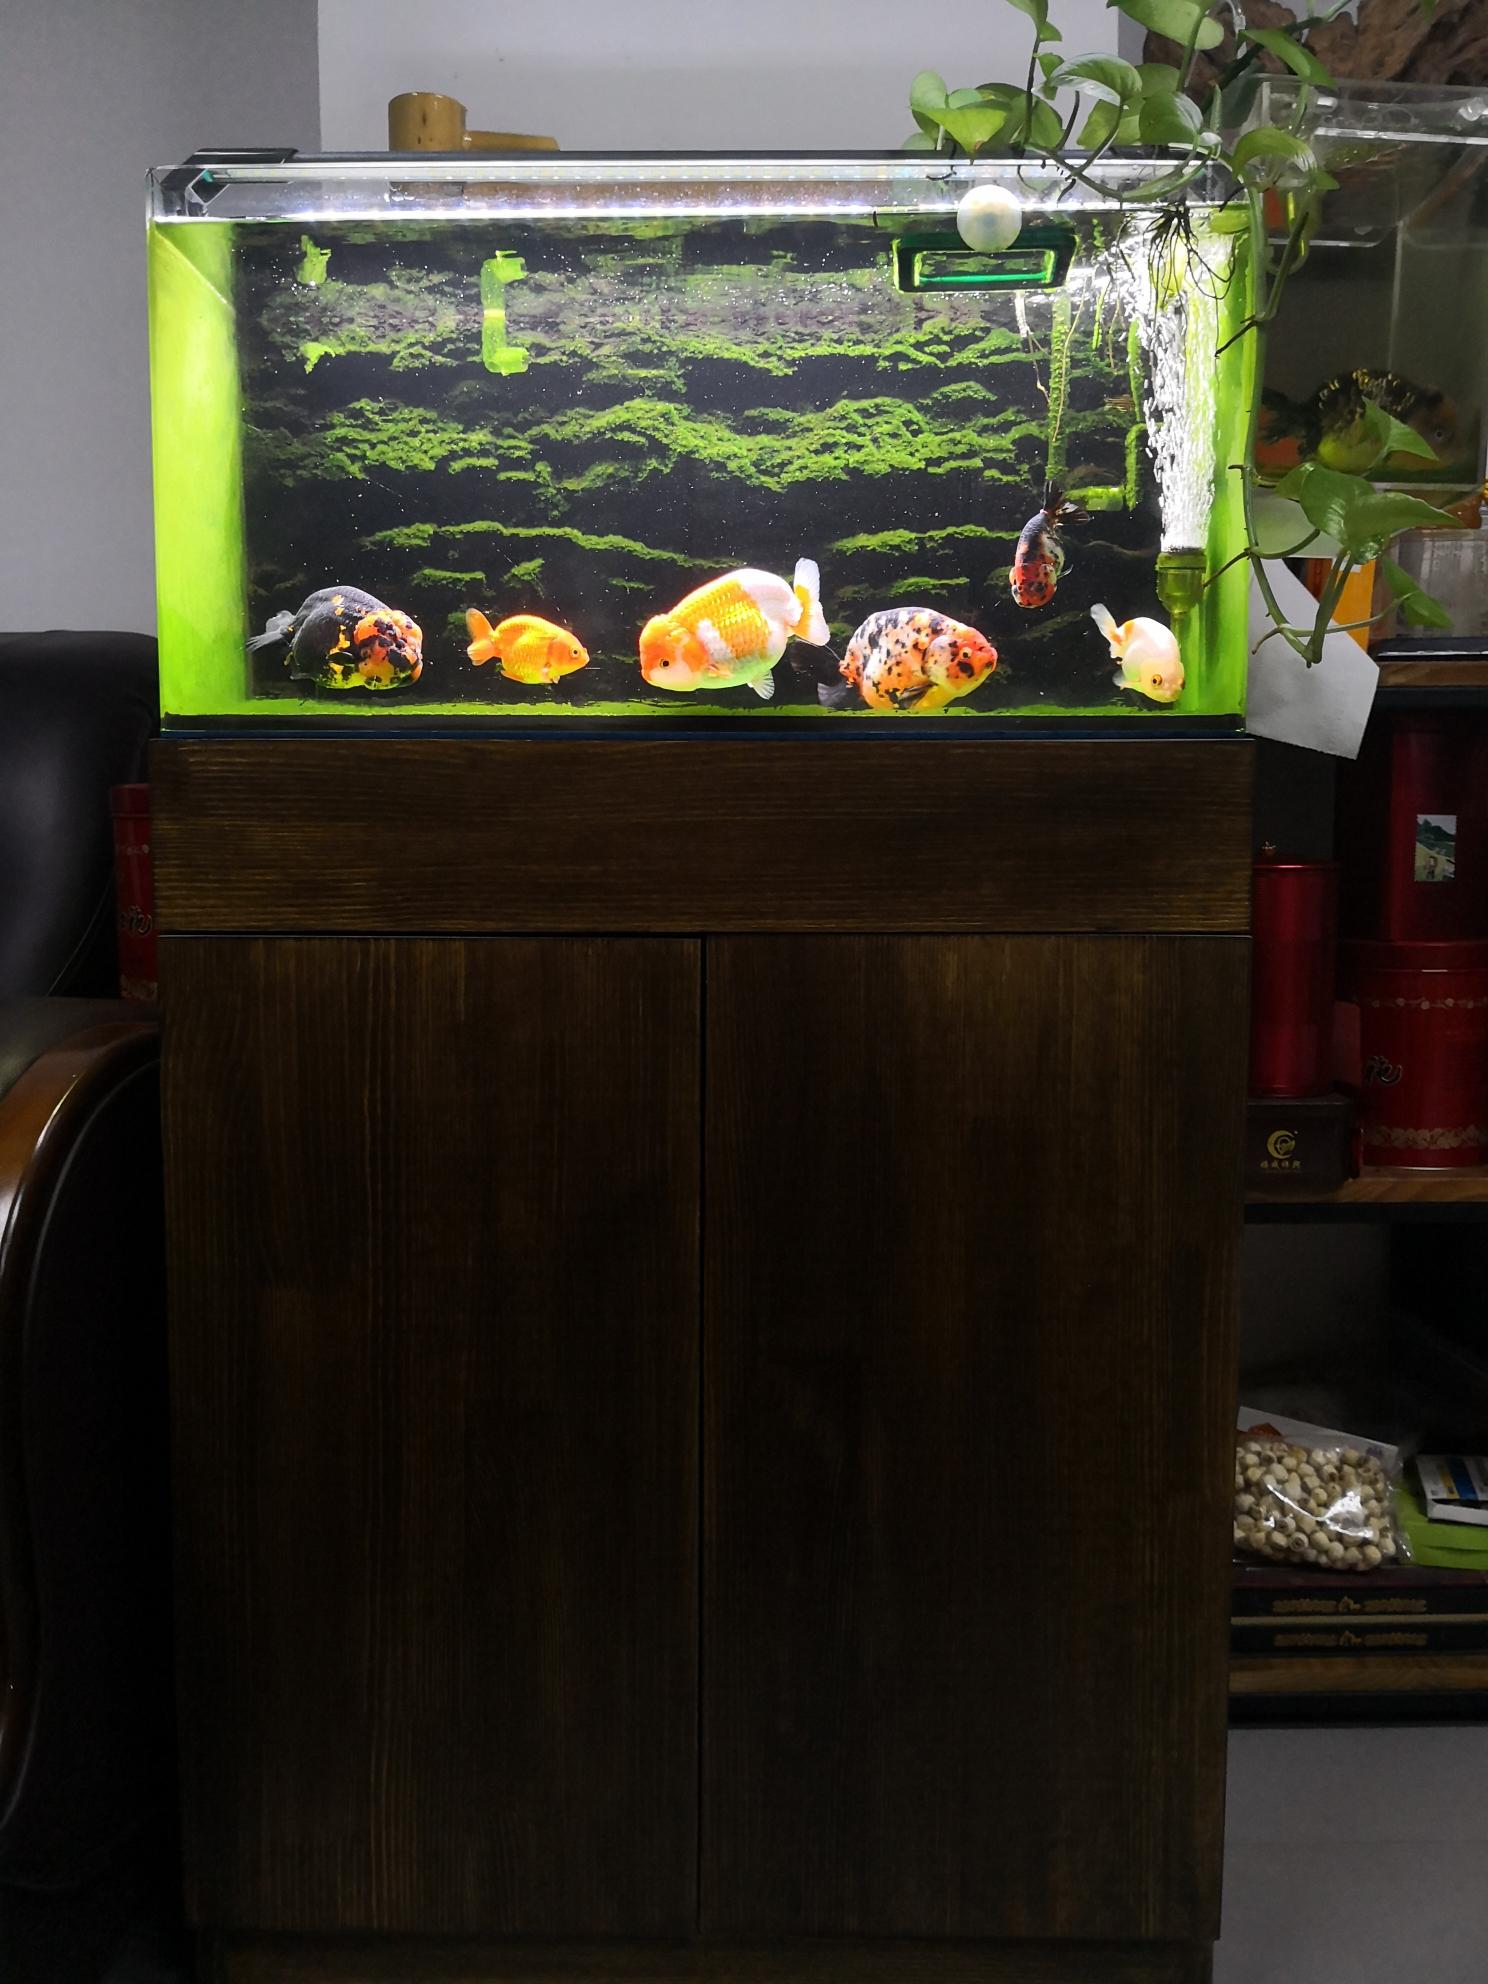 绵阳花鸟鱼虫图片喝茶看鱼有人说这是爱好